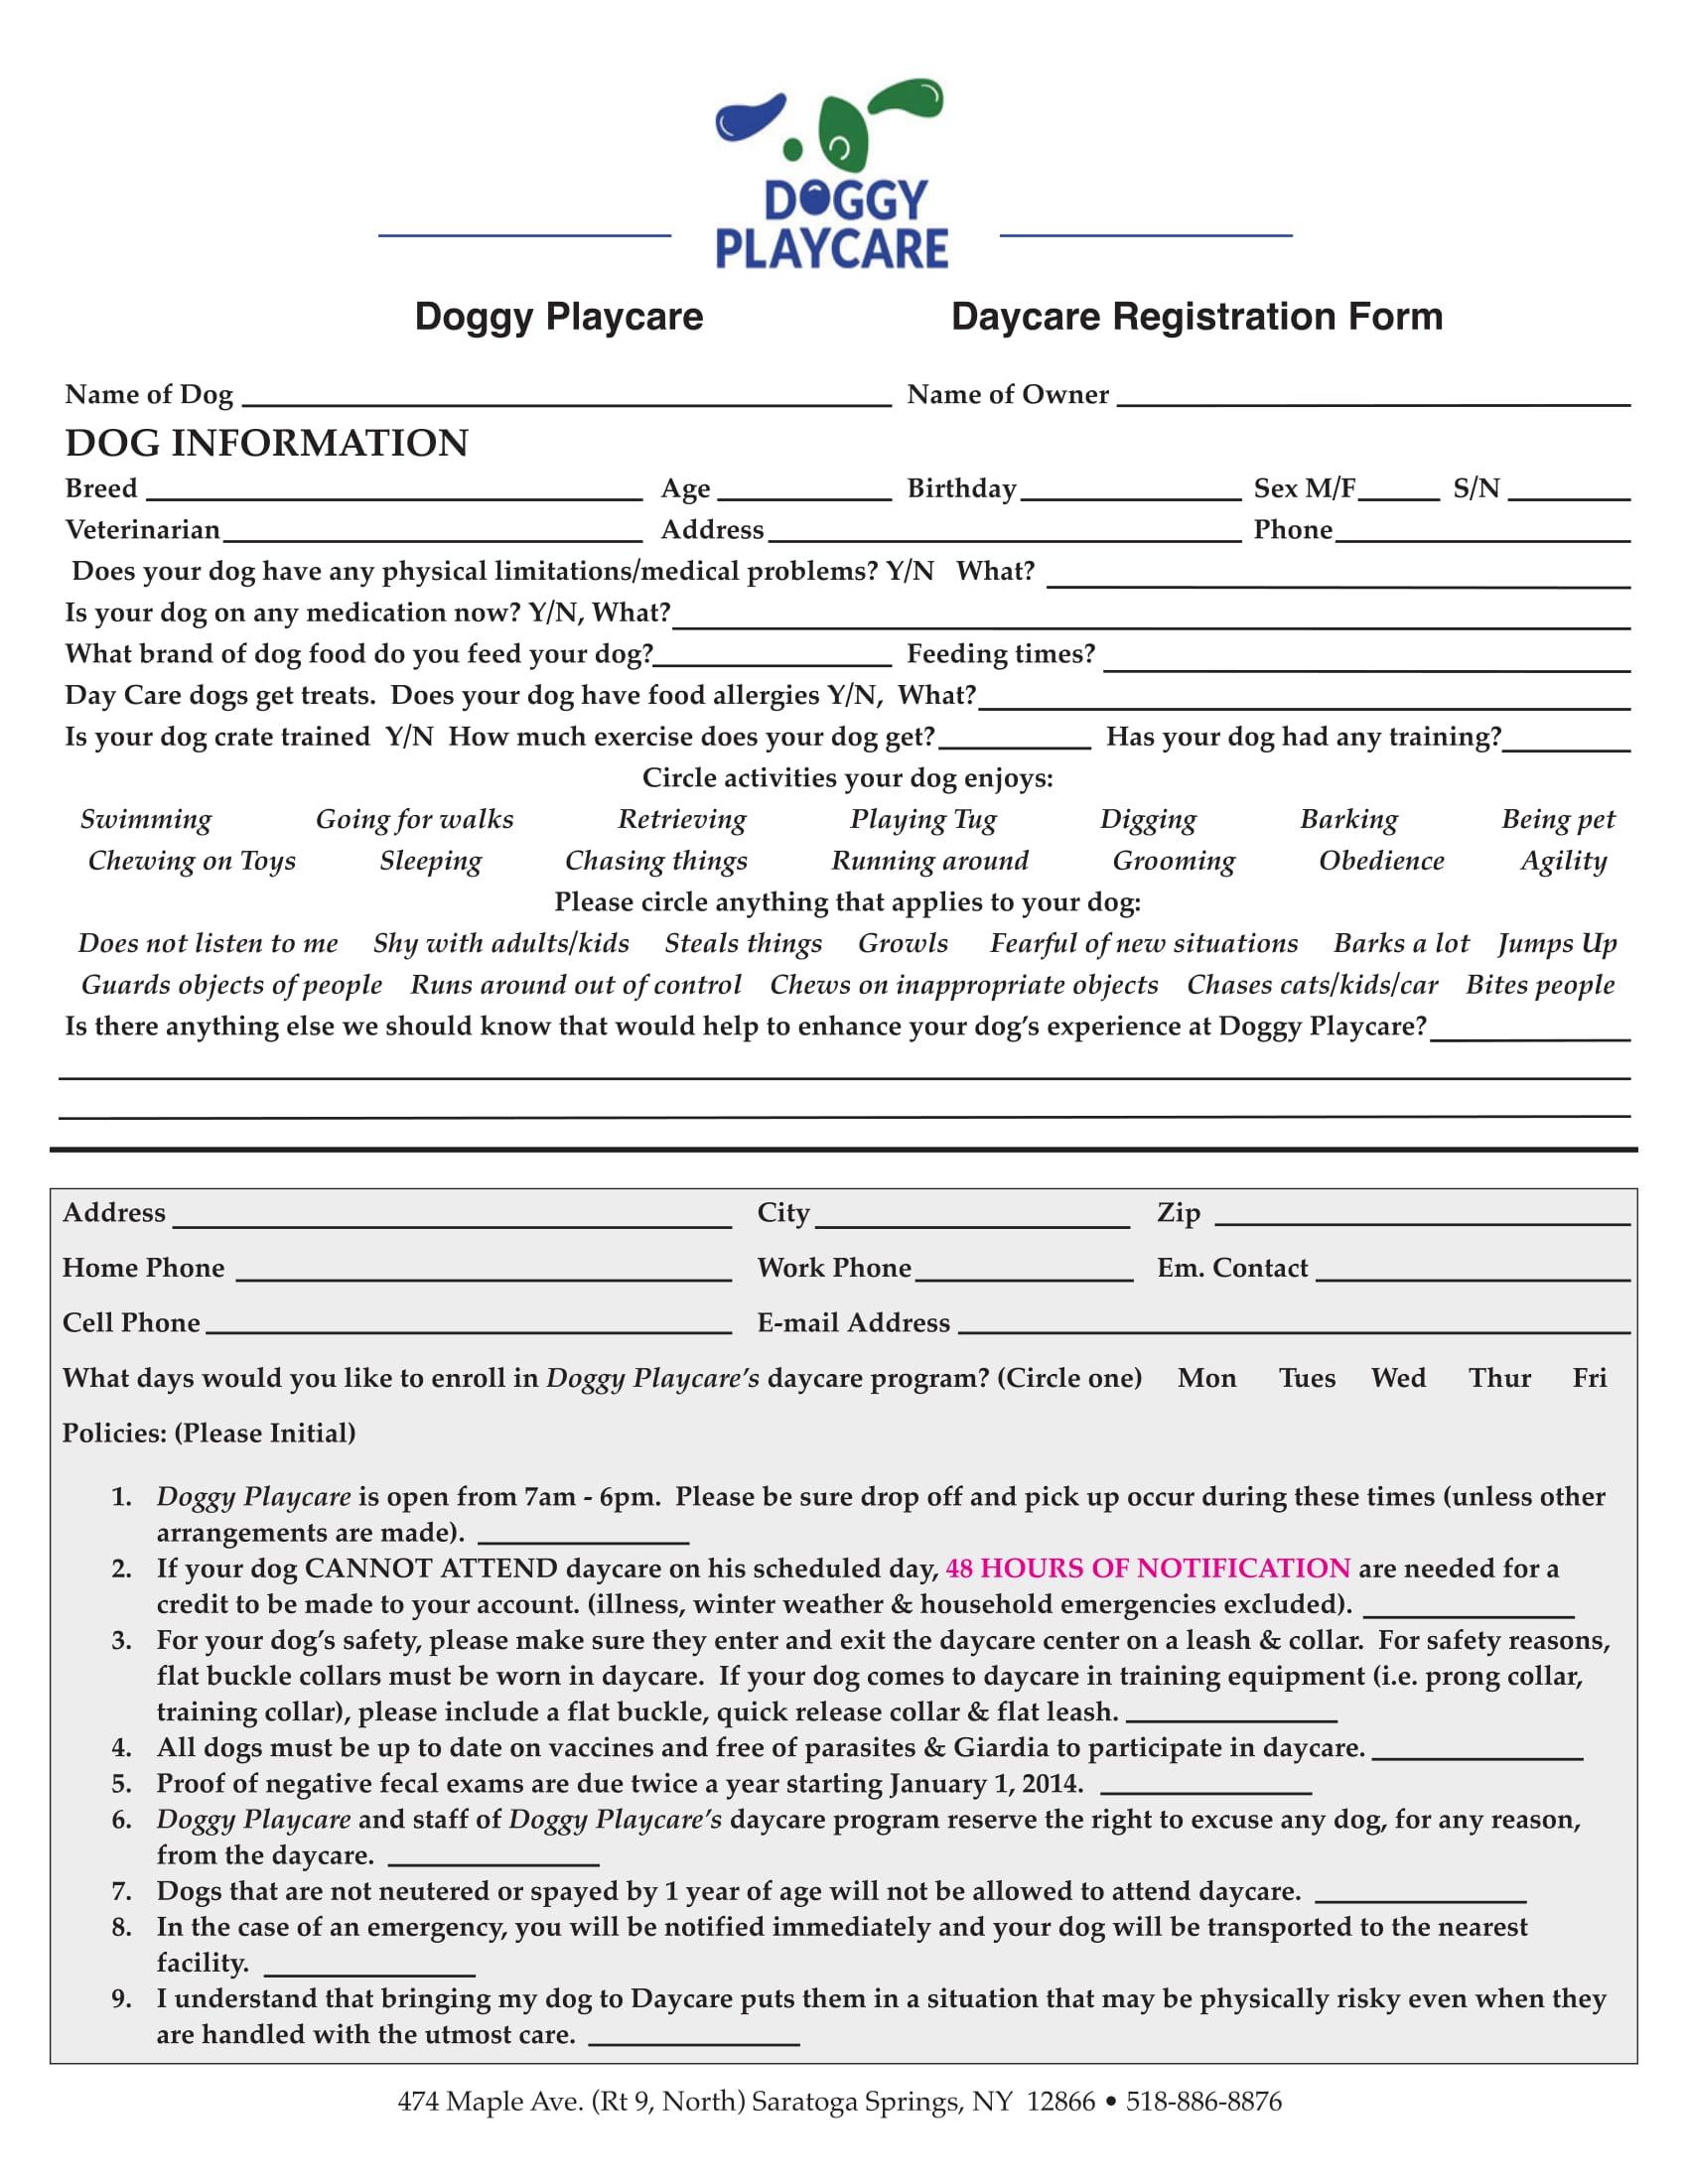 dog daycare registration form 1